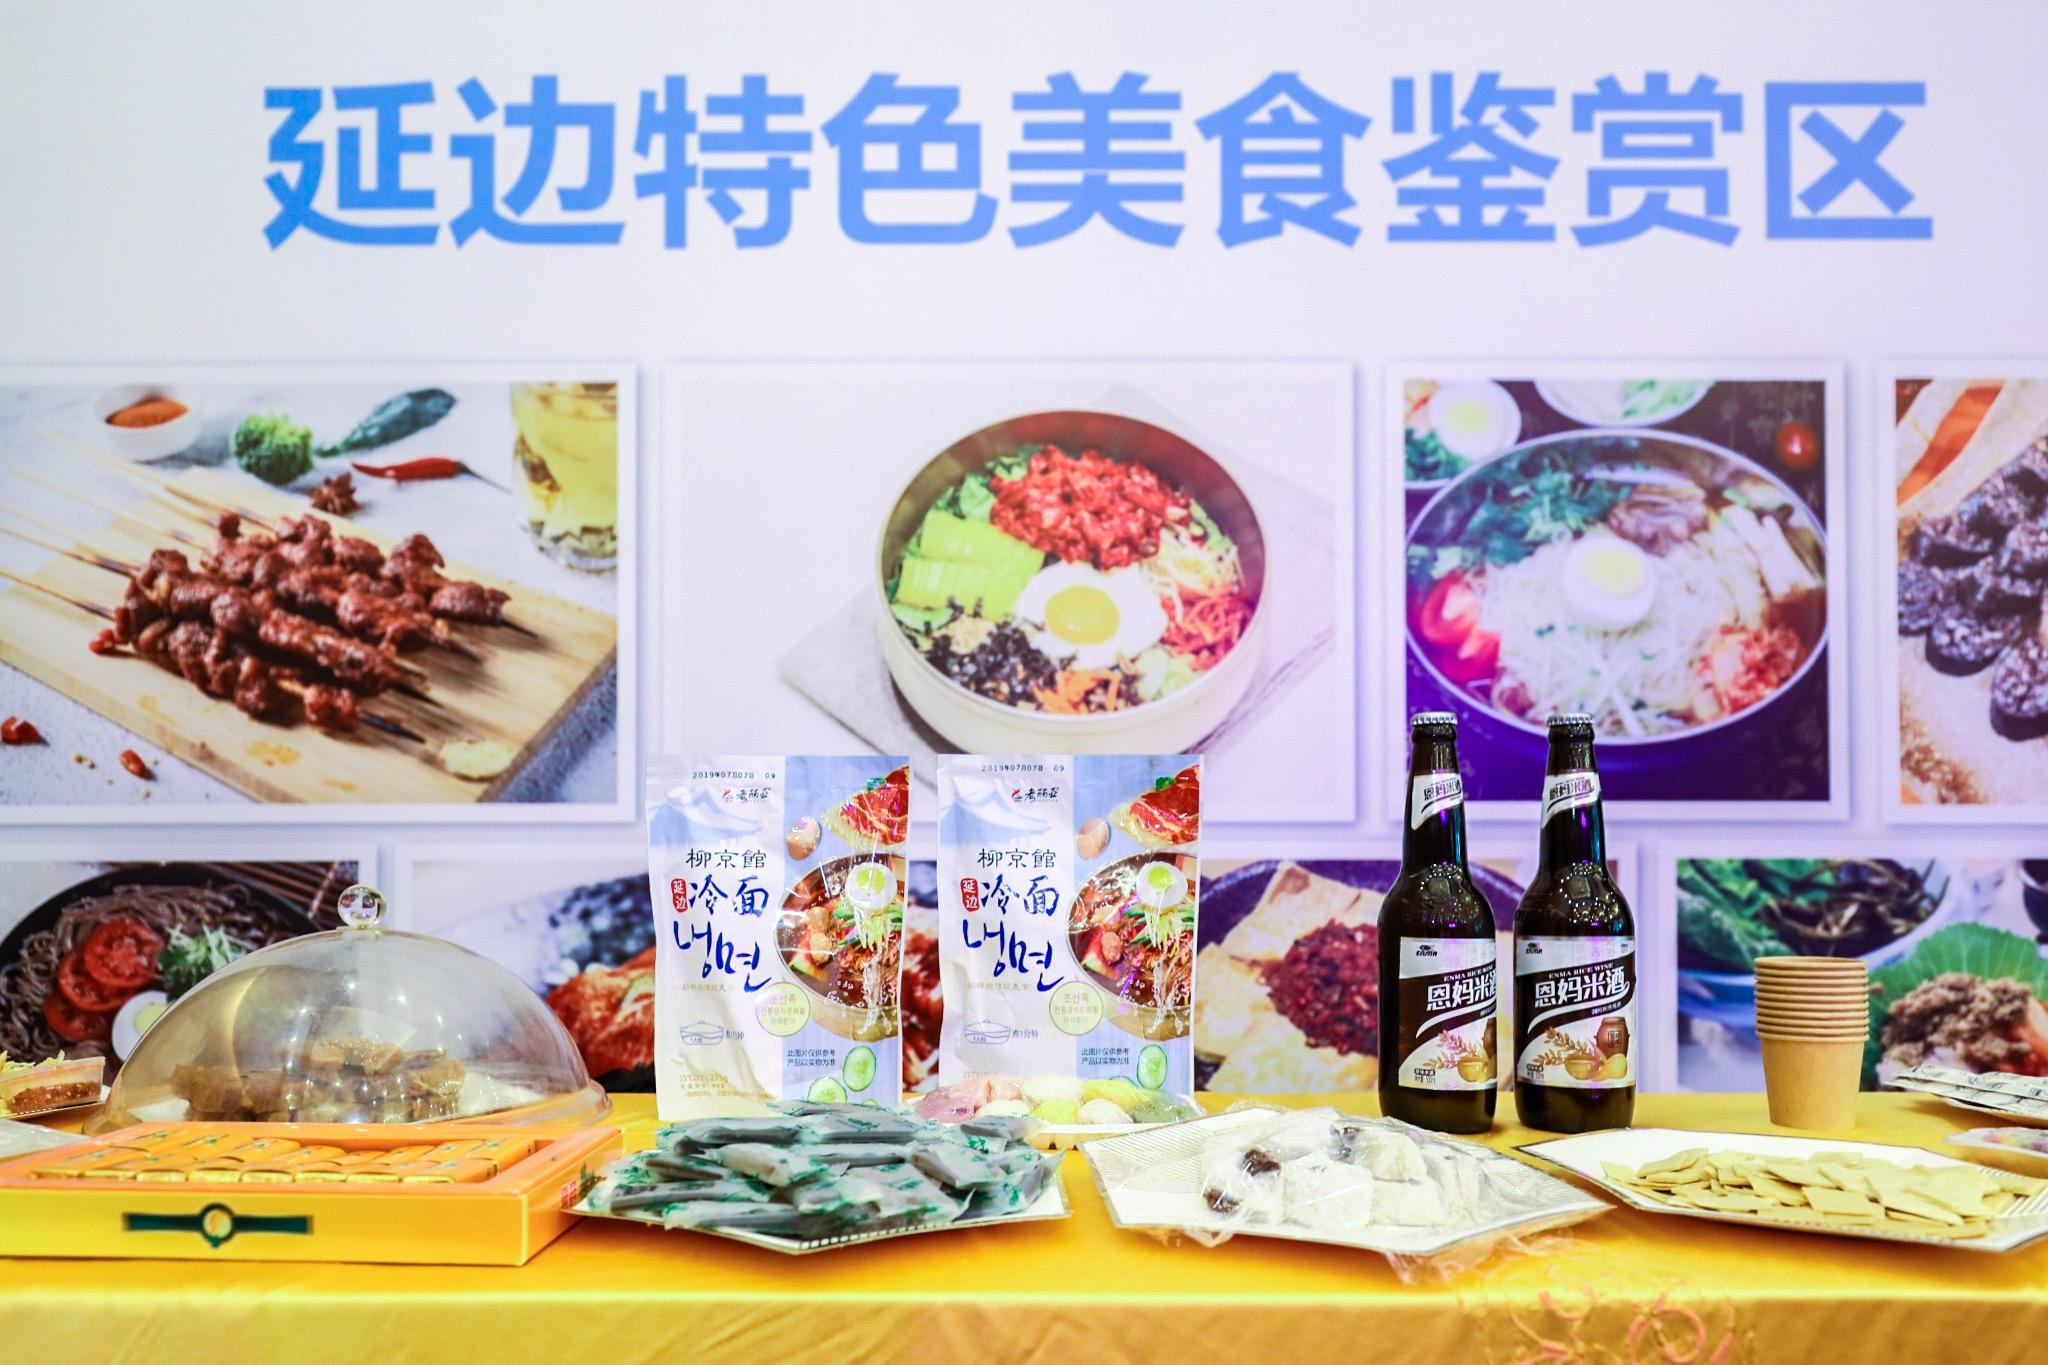 http://www.weixinrensheng.com/meishi/612364.html